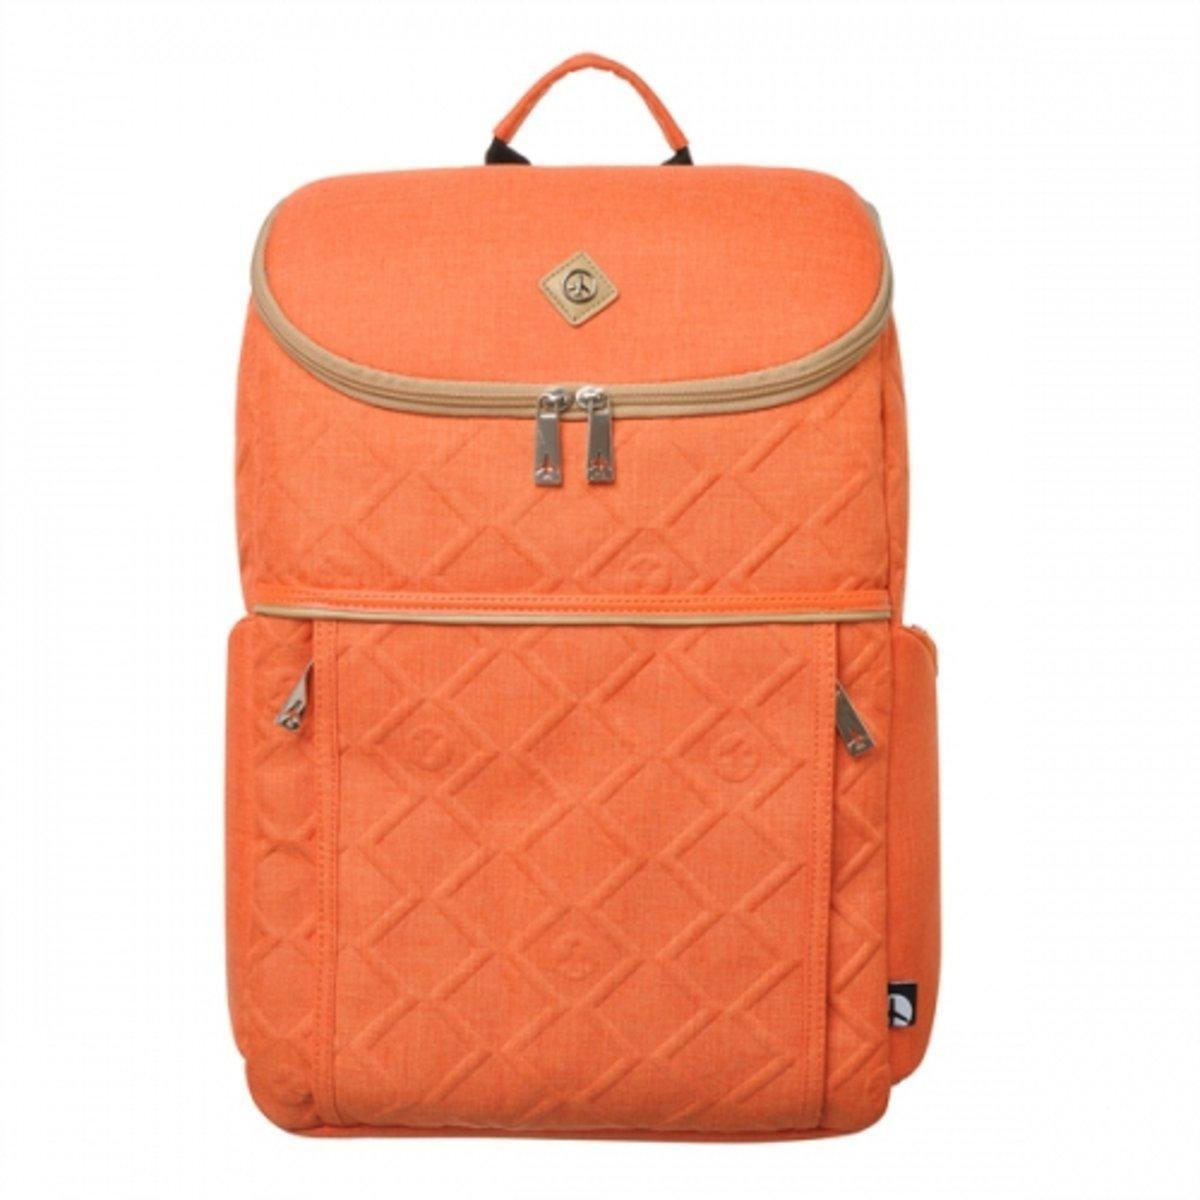 浮雕紋背包 (橙)_P00000HX